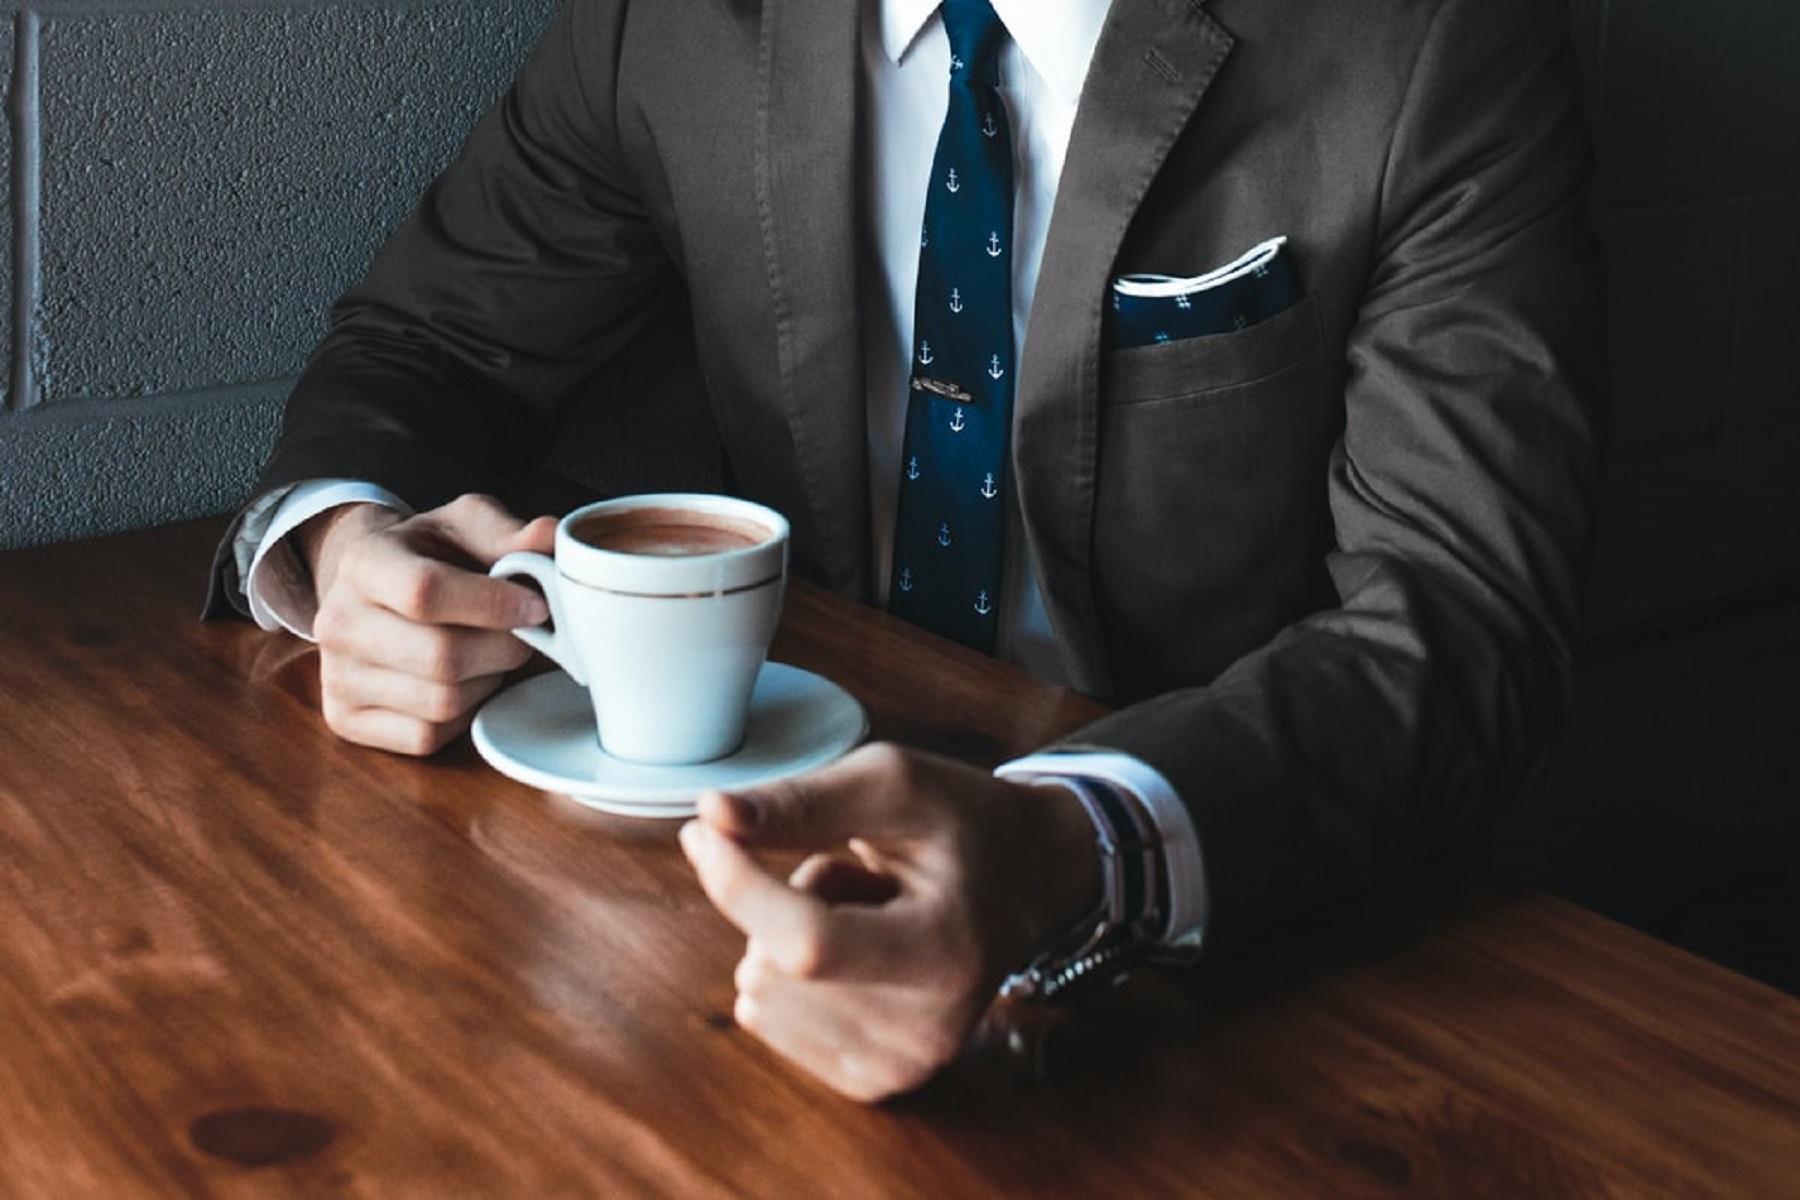 Προστάτης Καρκίνος: Μείωση του κινδύνου με πολύ καφέ και μεσογειακή διατροφή